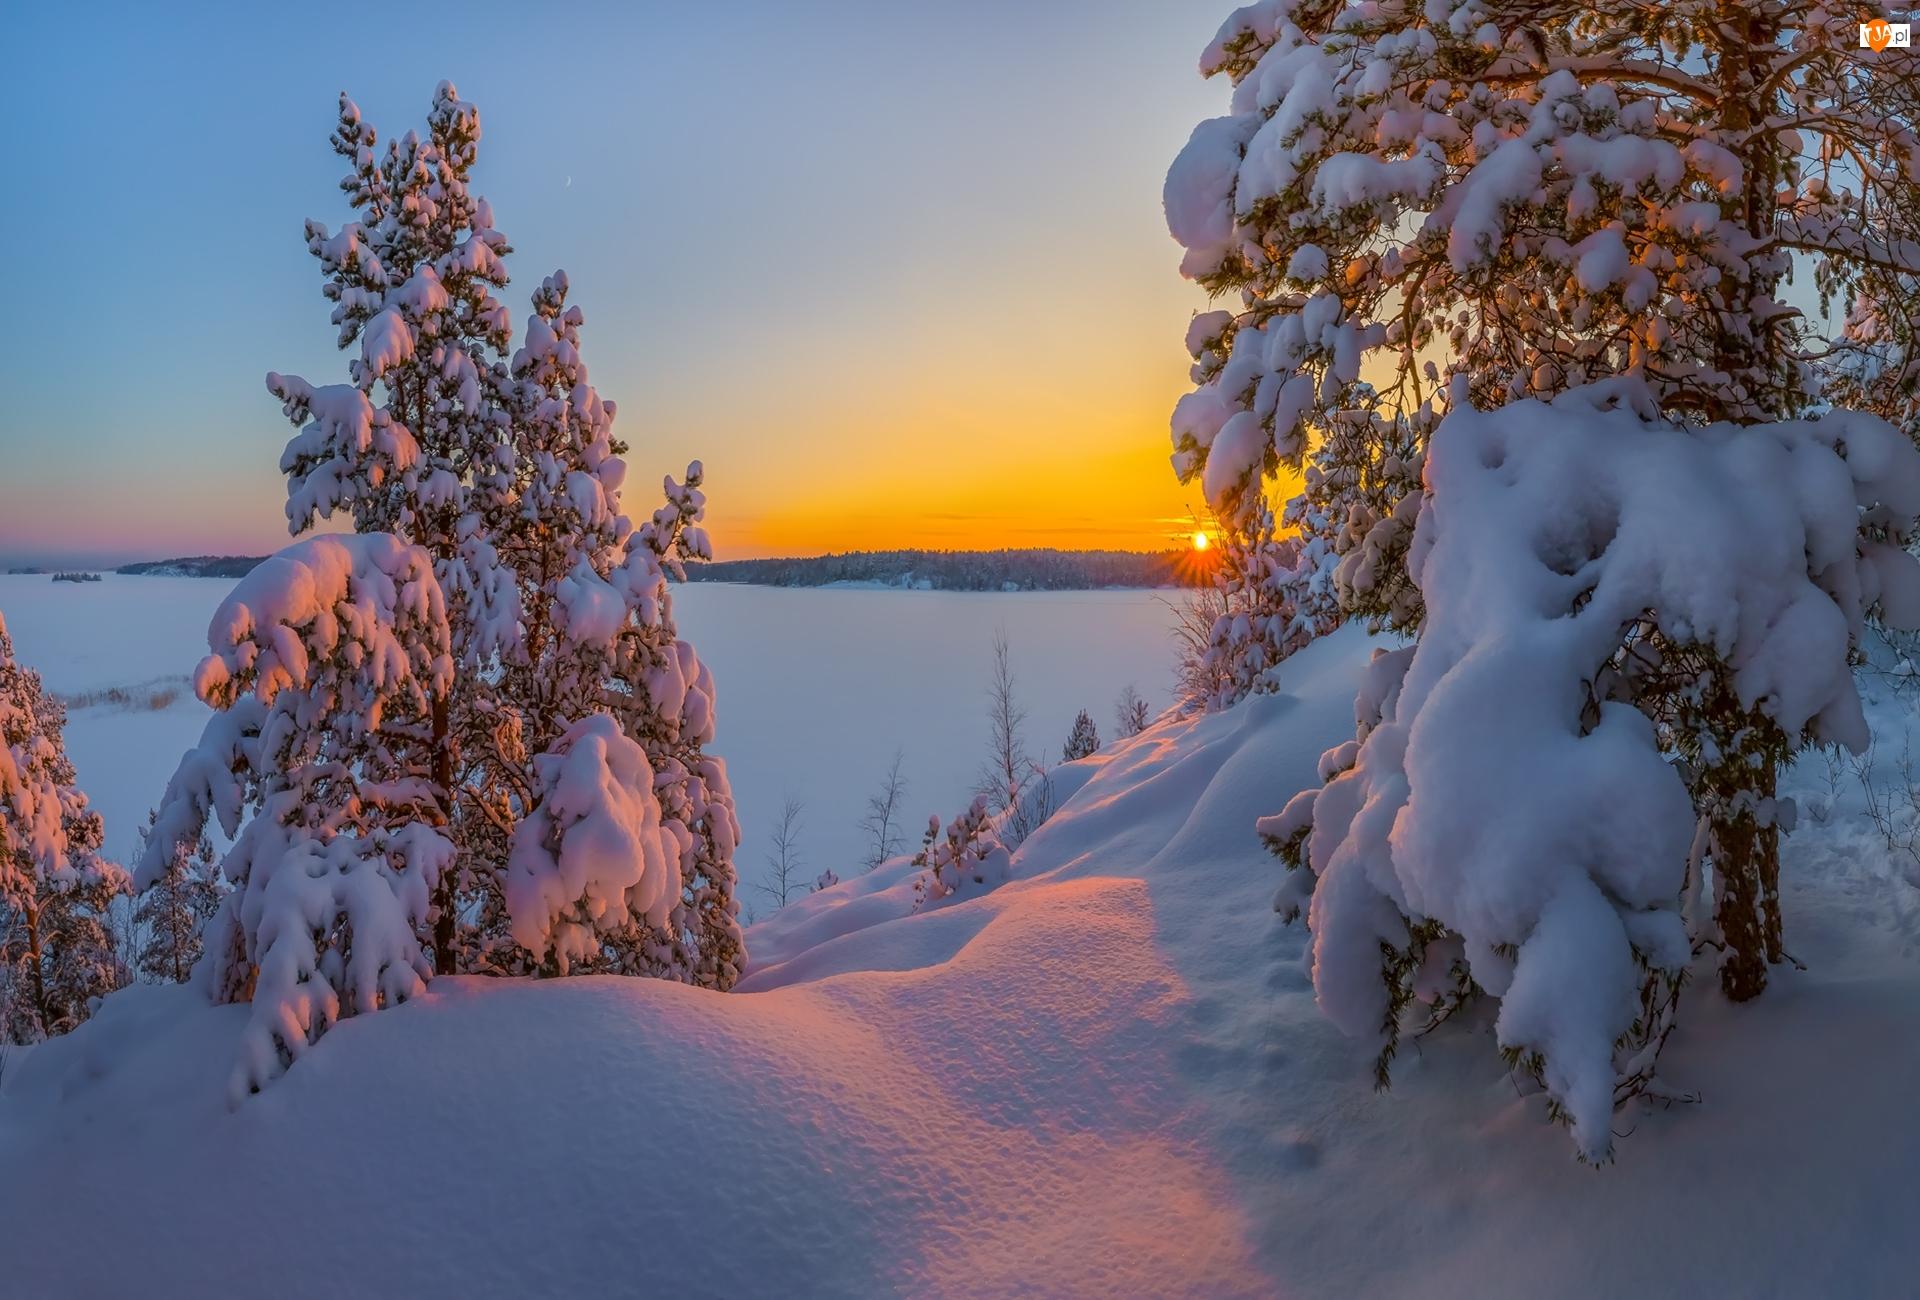 Ośnieżone, Śnieg, Wschód słońca, Zima, Drzewa